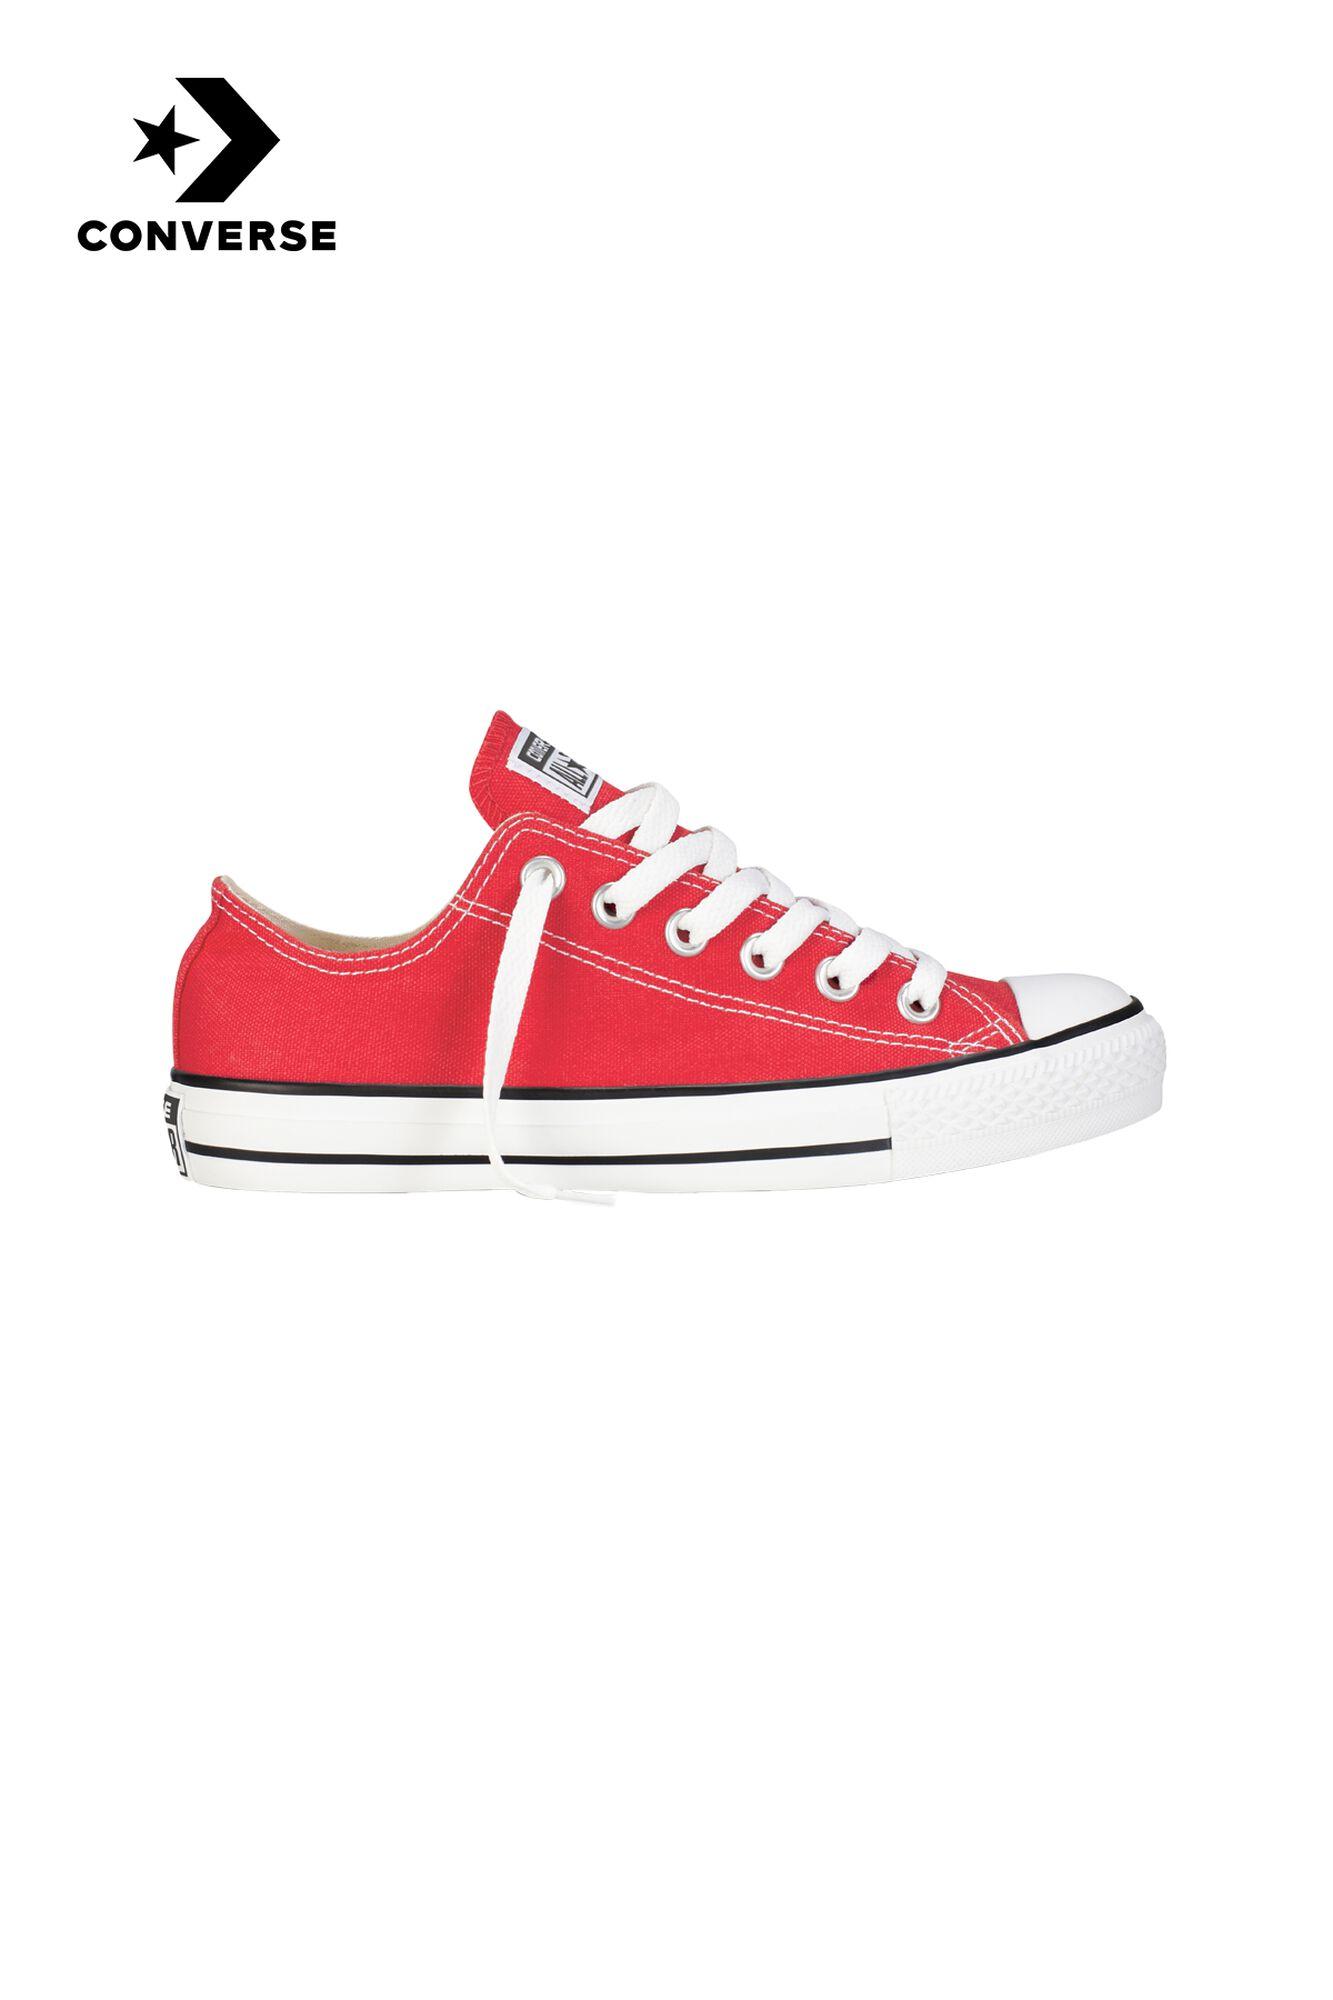 eleganckie buty oferować rabaty Całkiem nowy Boys Converse All Stars Low Red Buy Online